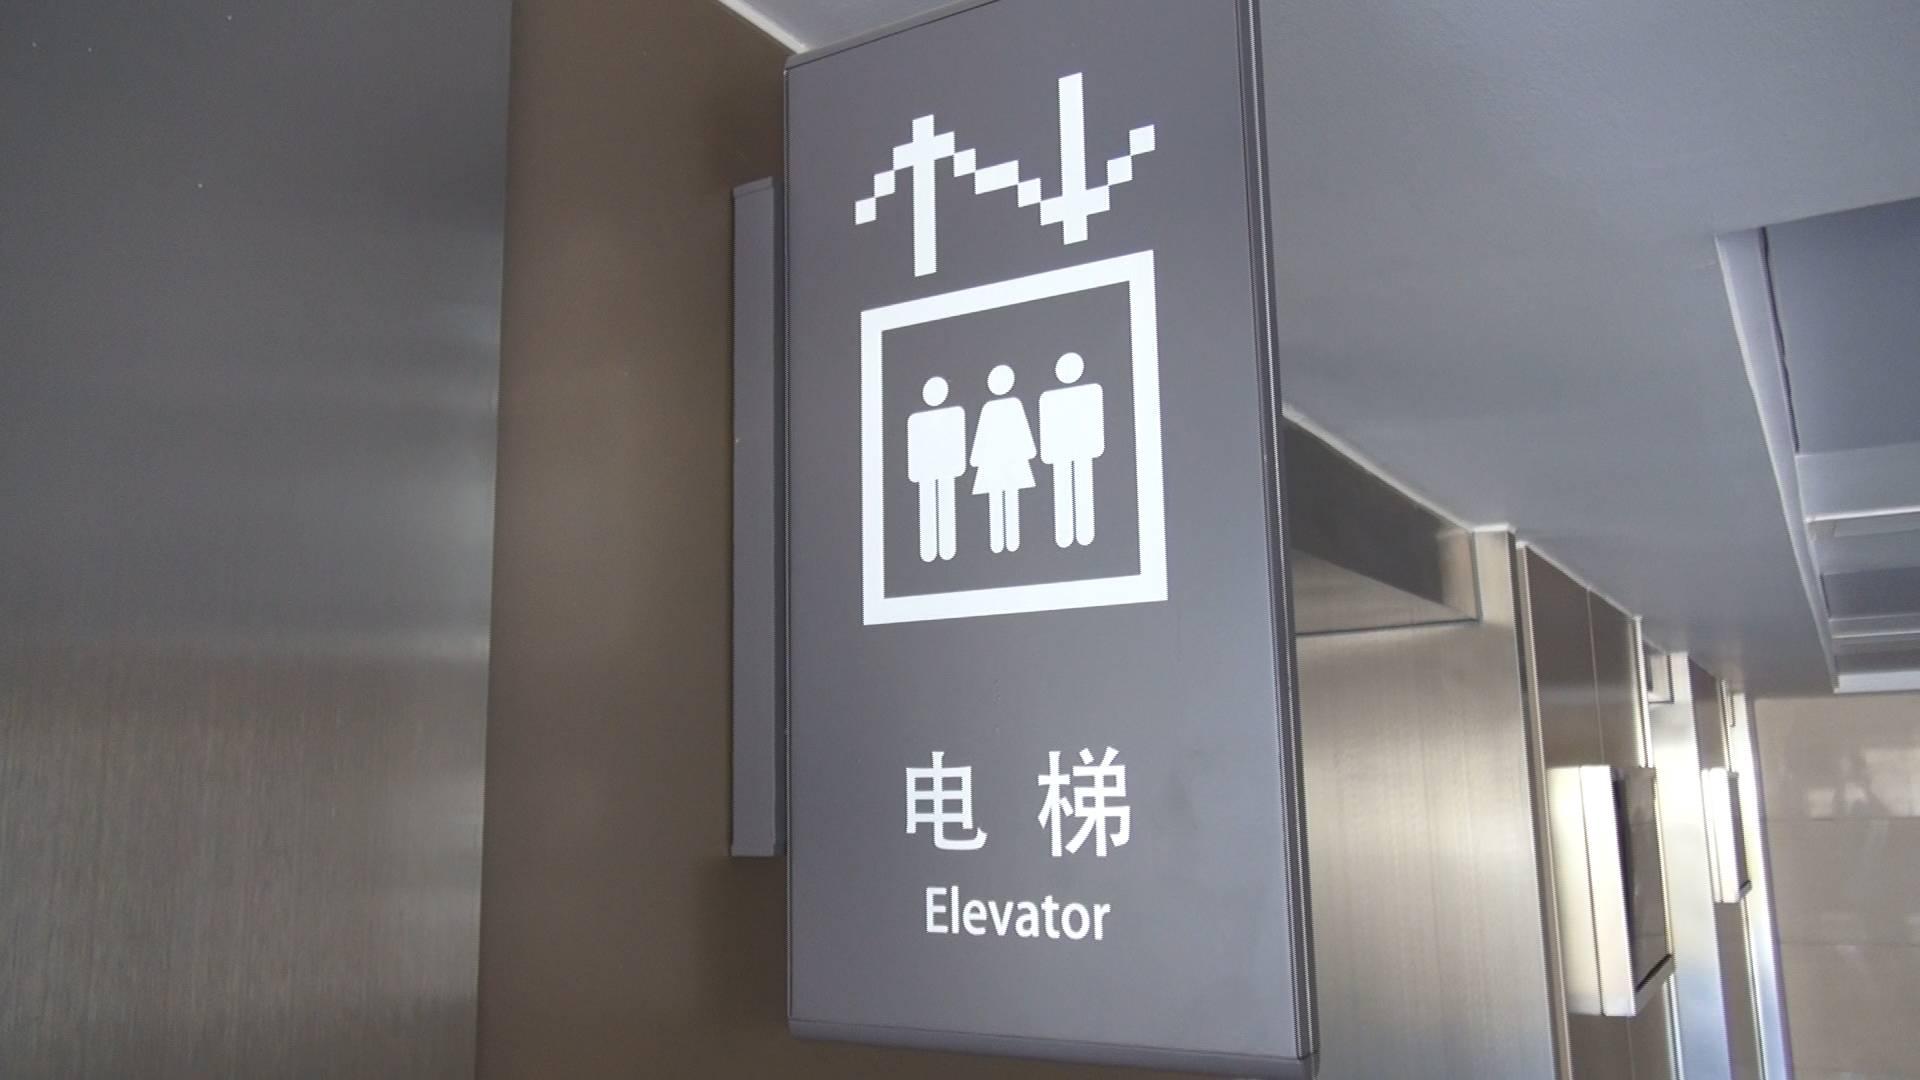 济南电梯困人小区黑名单公布 看看有你家吗?